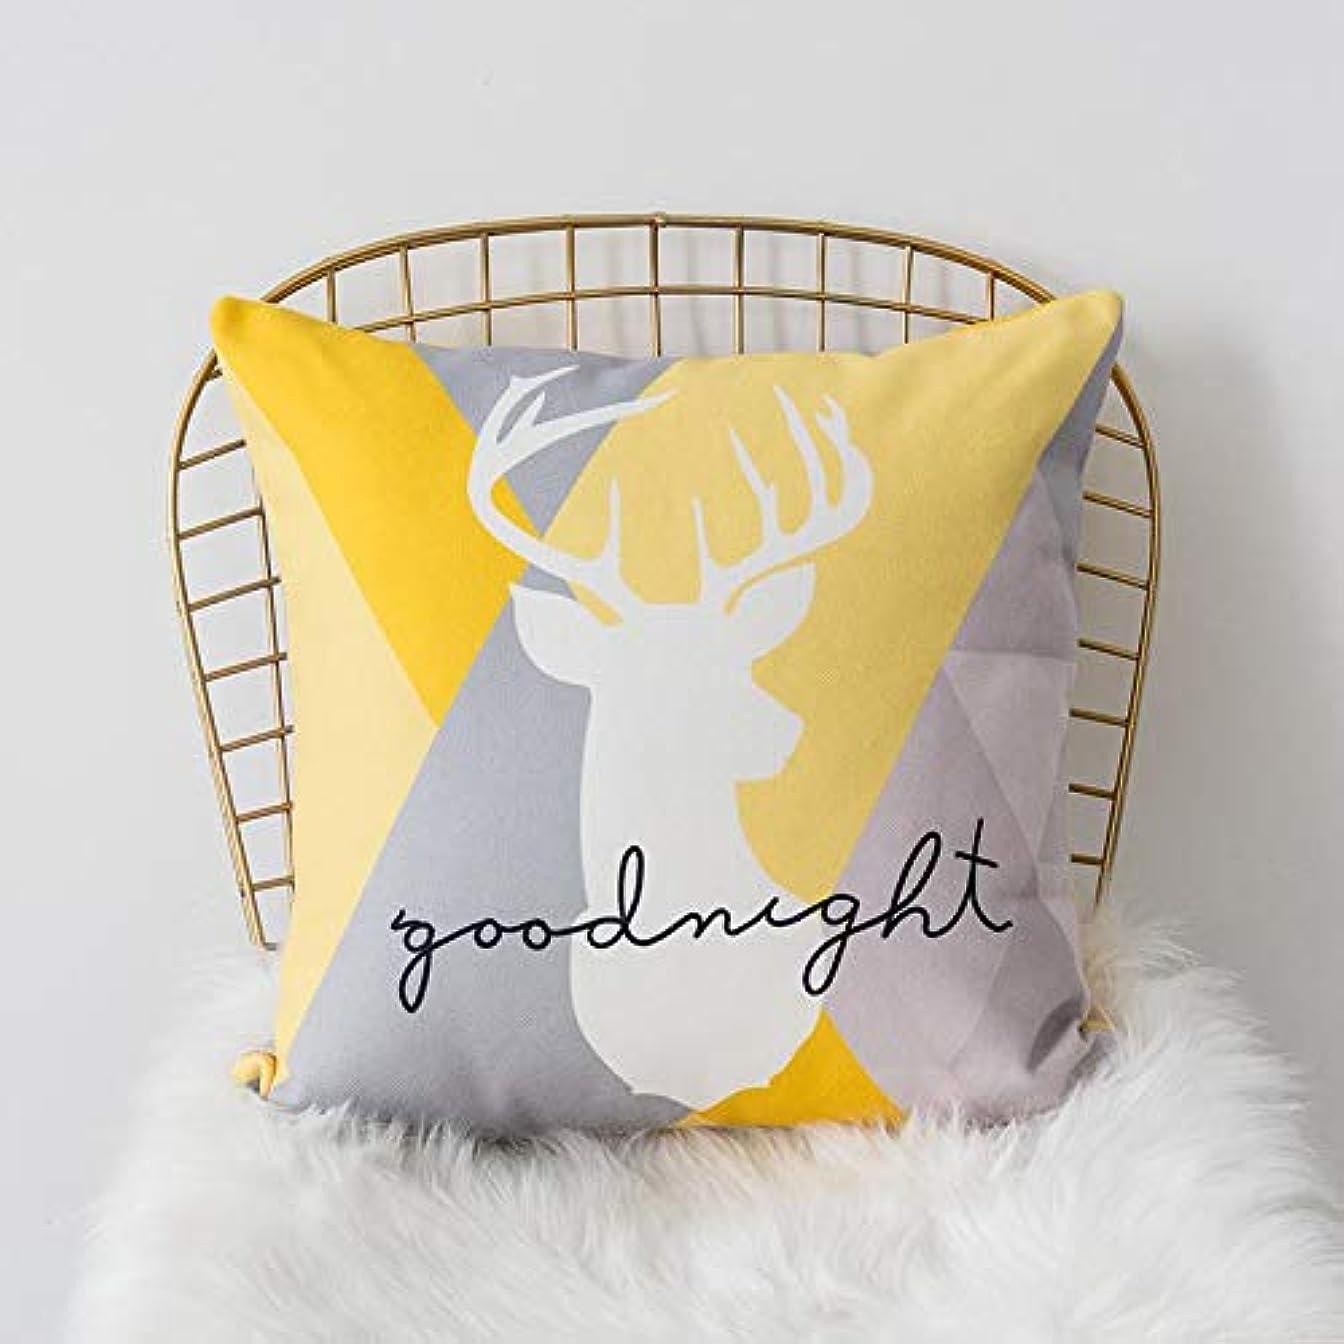 ピッチャー住人自動化SMART 黄色グレー枕北欧スタイル黄色ヘラジカ幾何枕リビングルームのインテリアソファクッション Cojines 装飾良質 クッション 椅子